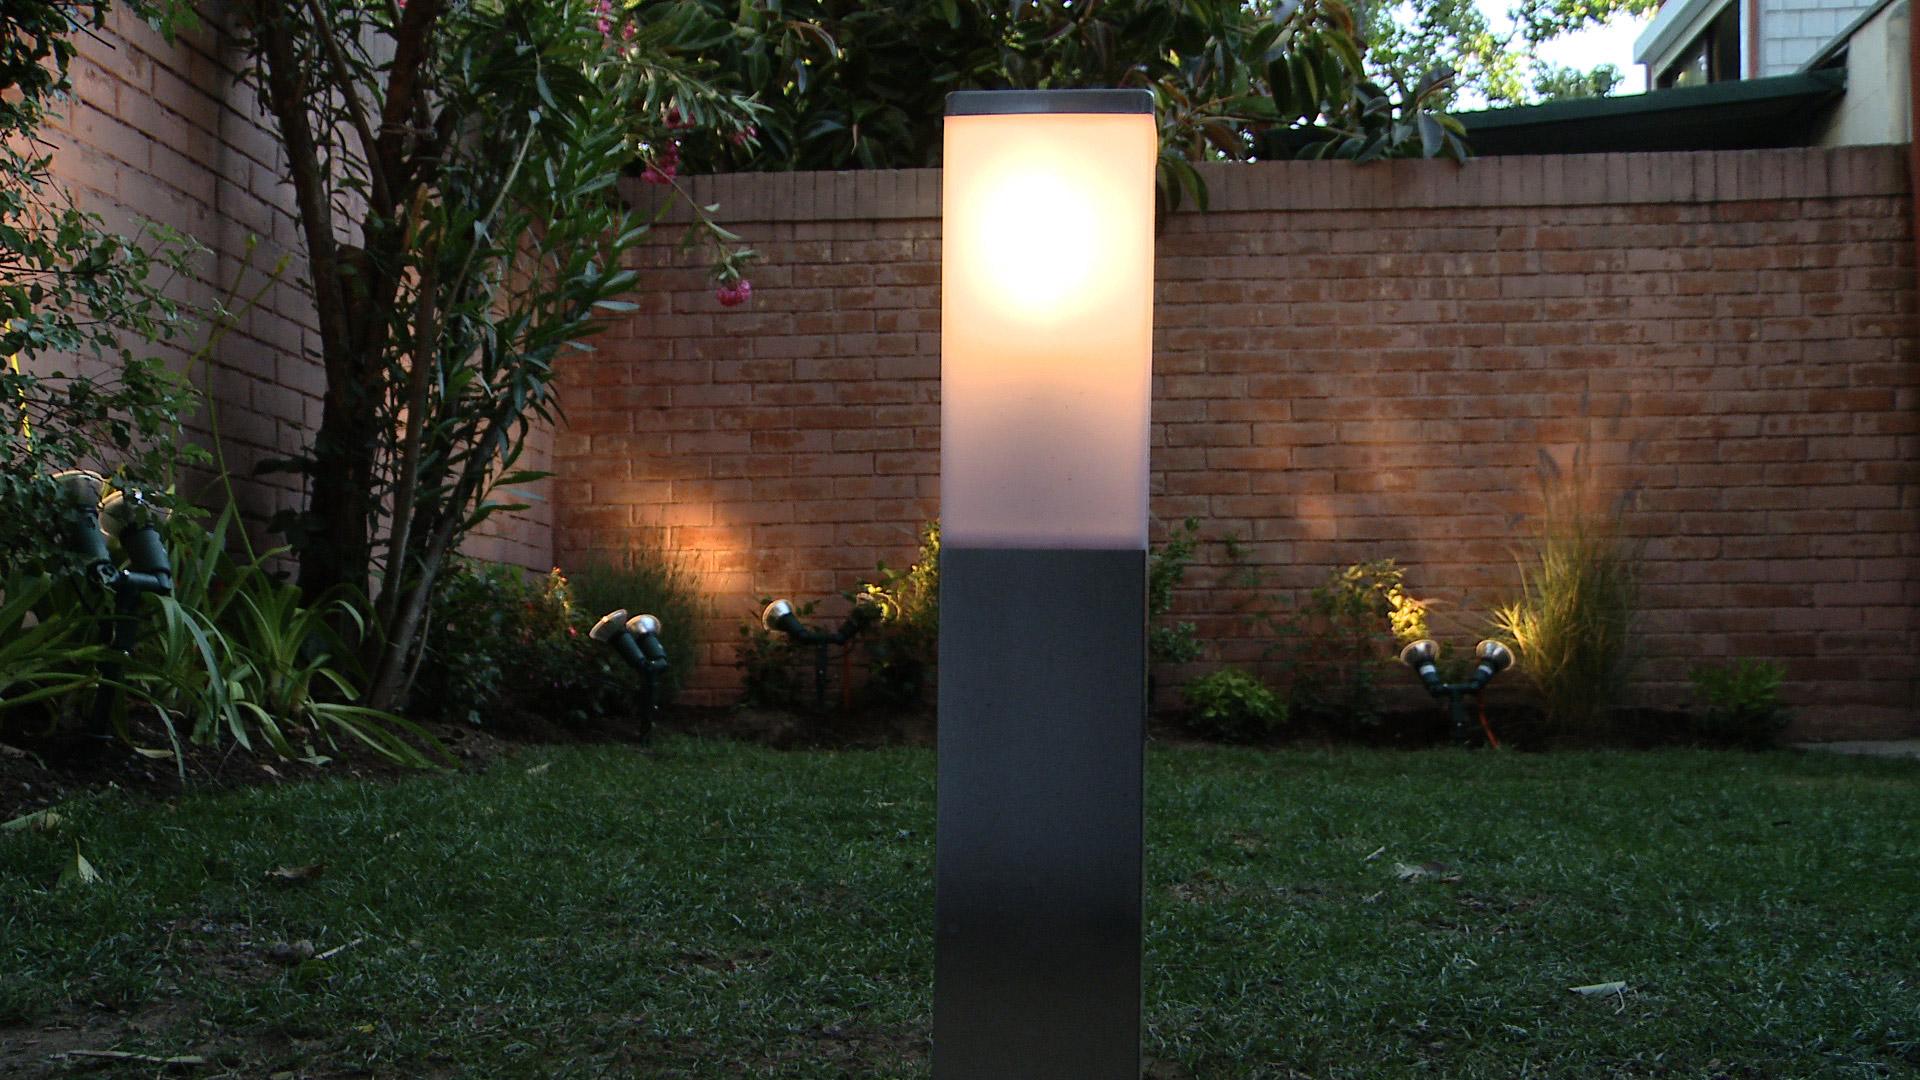 Luces exterior jardin 48158 jardin ideas - Luces de jardin solares ...